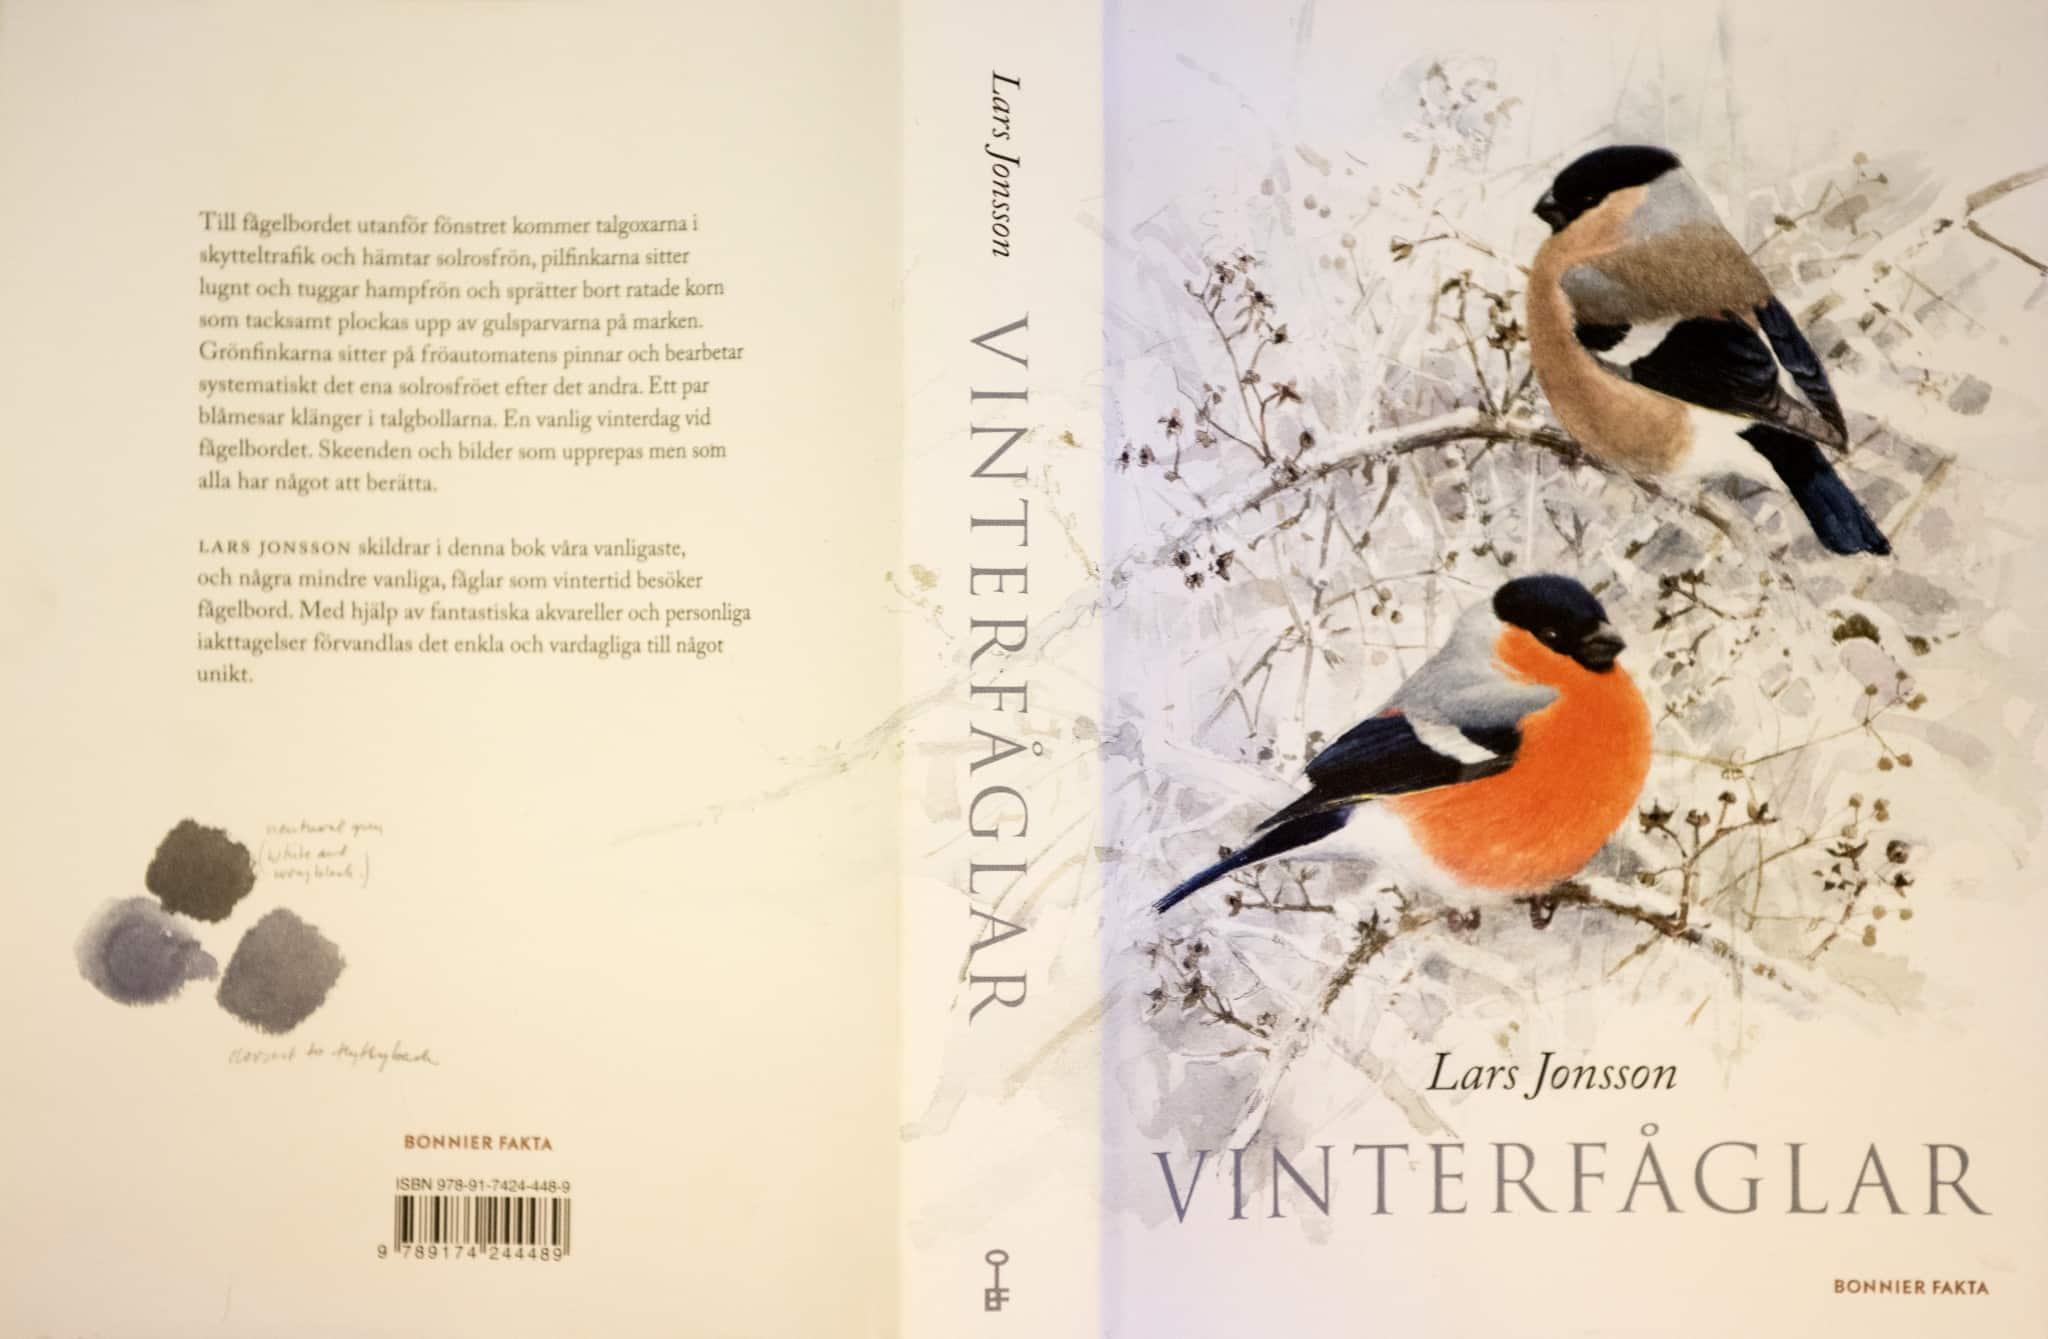 Vinterfåglar av Lars Jonsson.